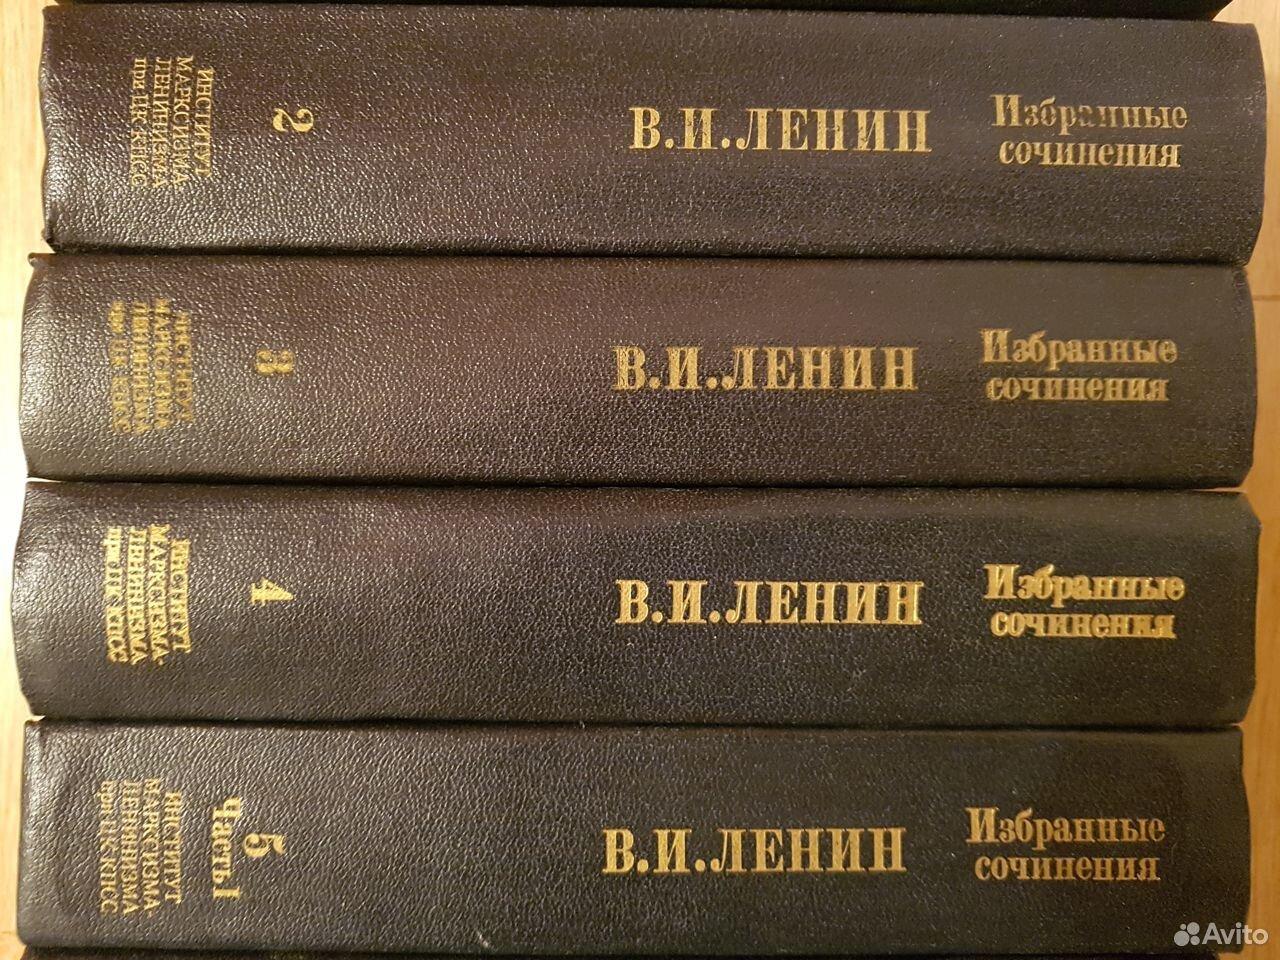 Собрание сочинений В.И.Ленина (10 томов)  89533216060 купить 3